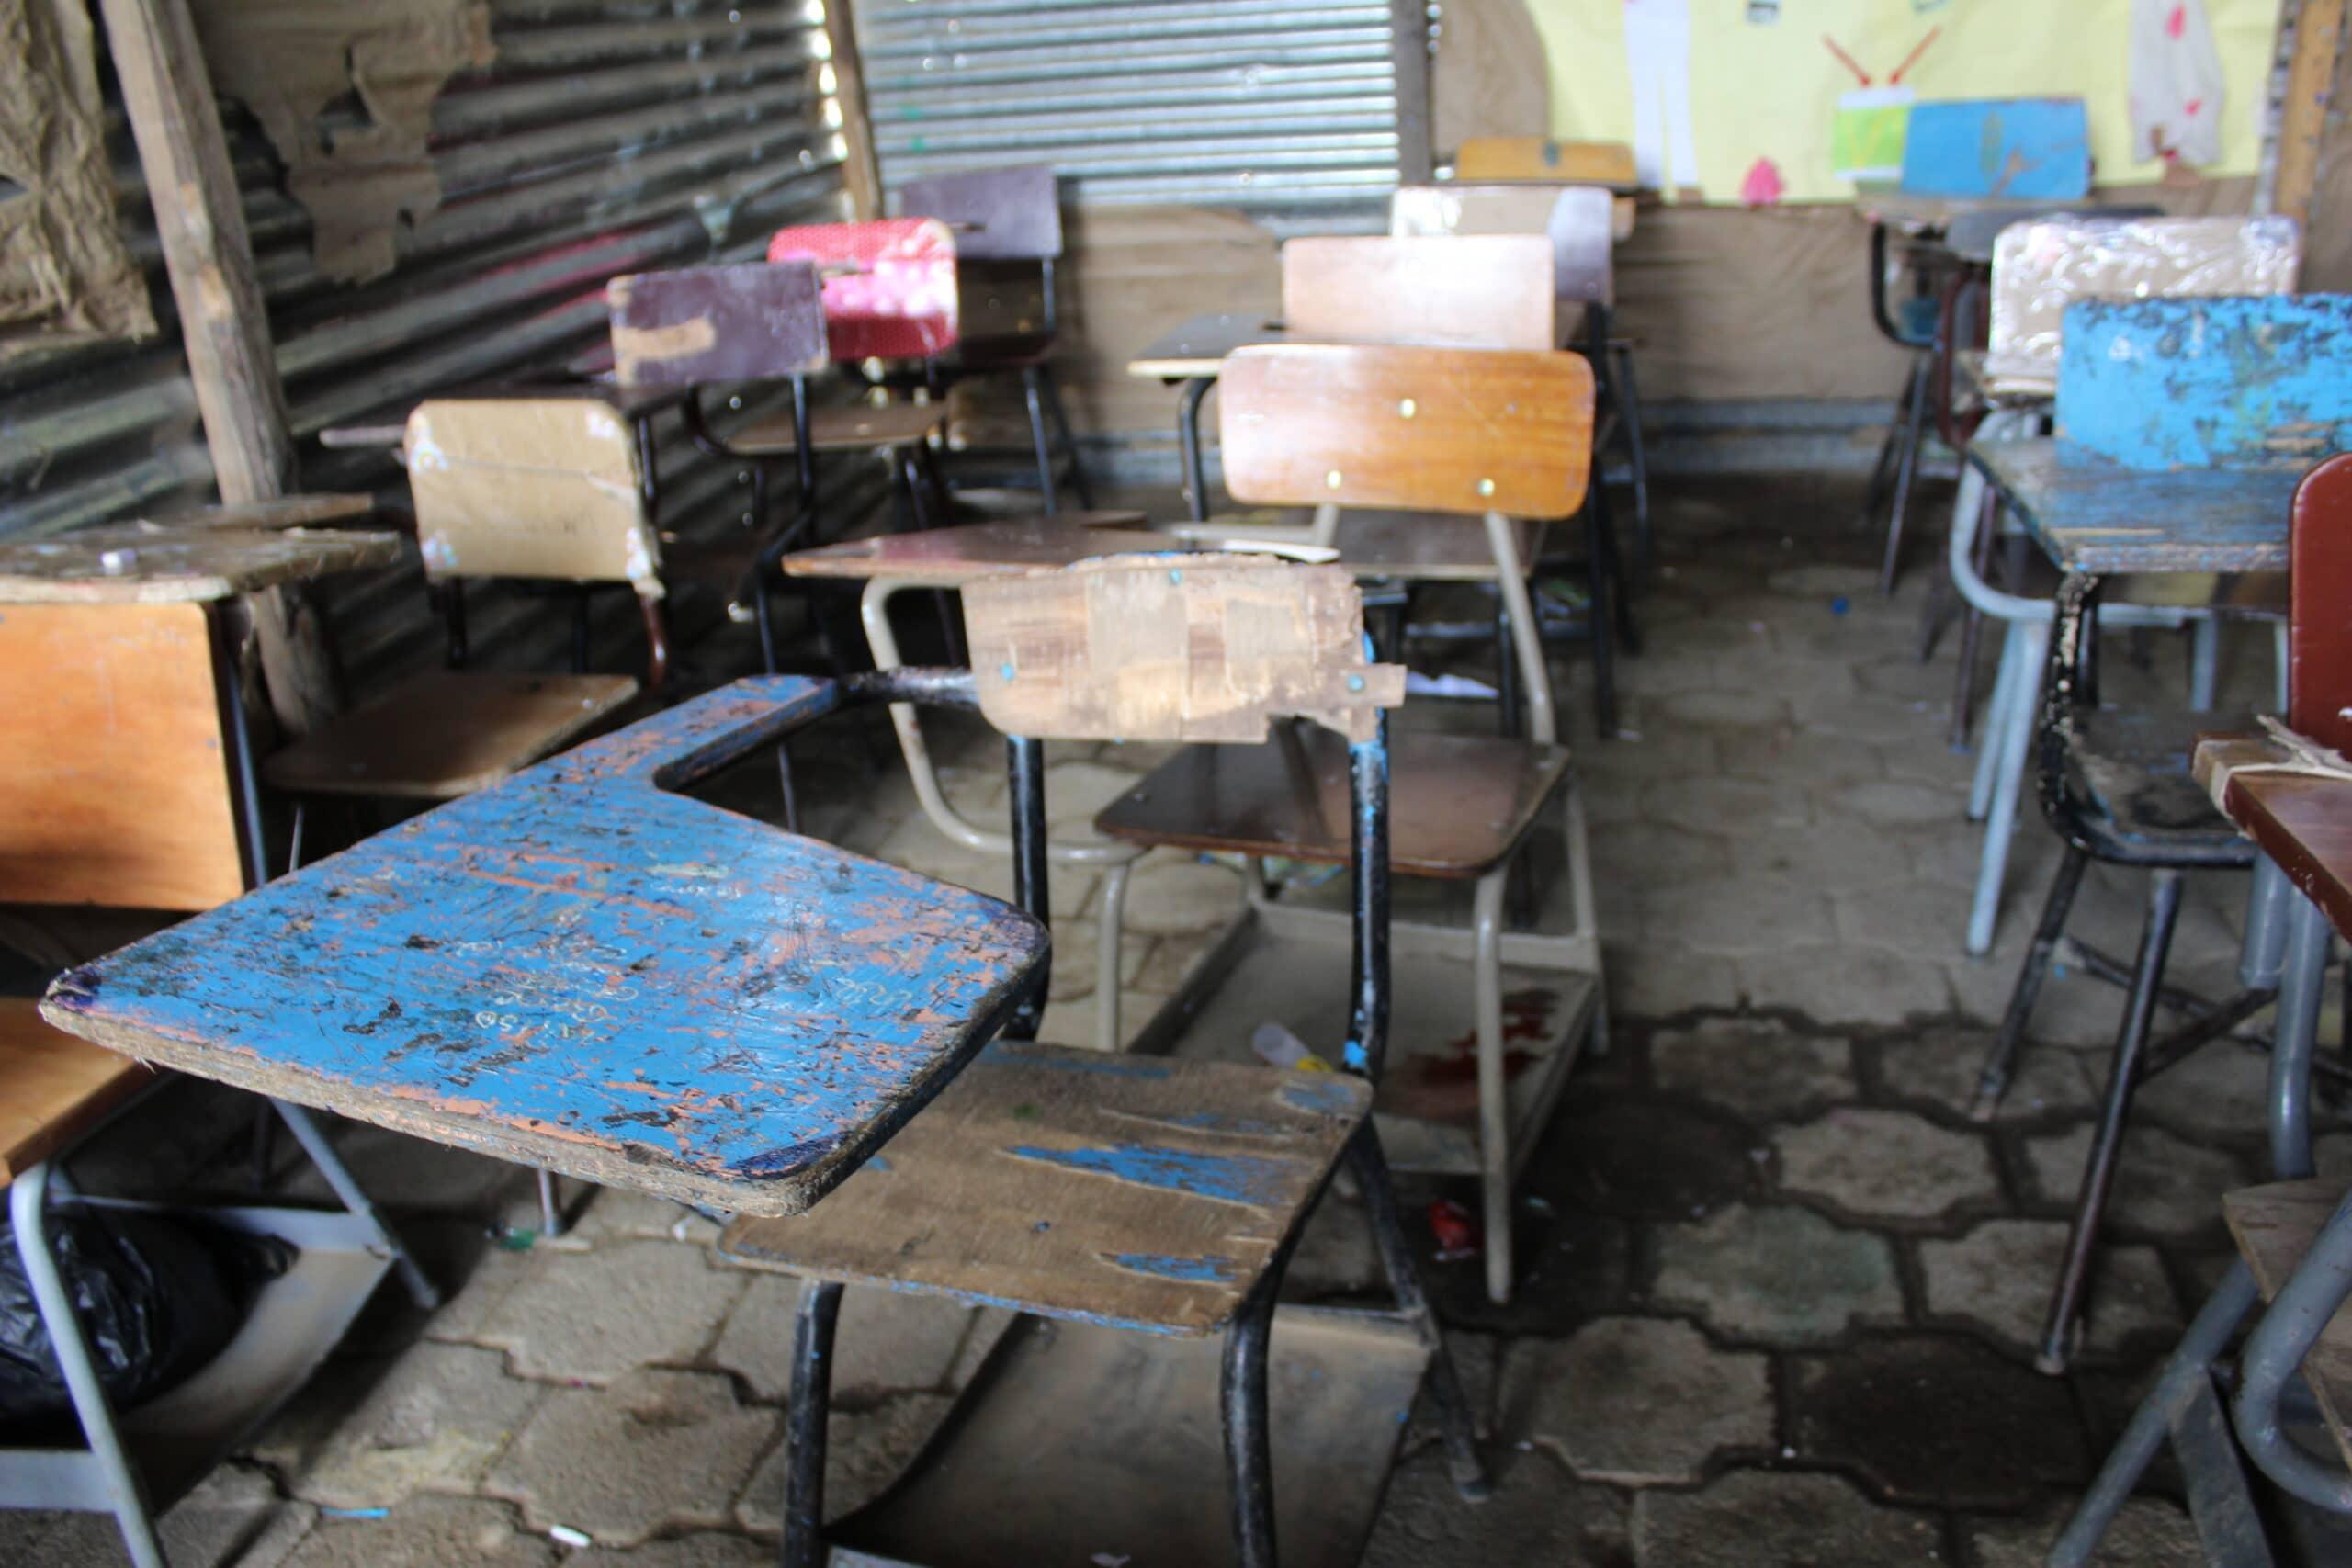 splintered desks and chairs at La Palangana